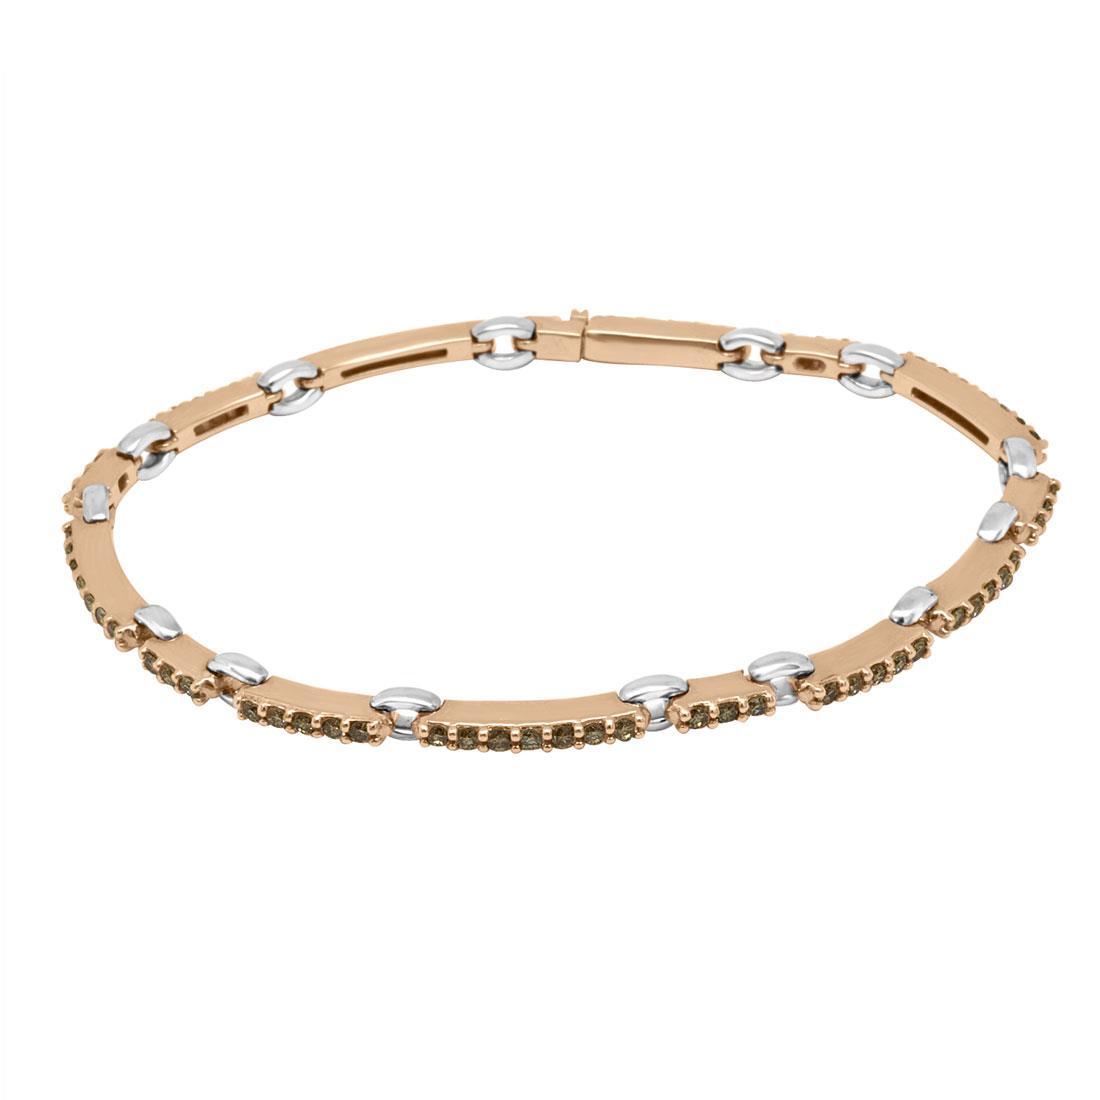 Bracciale Damiani in oro rosa con diamanti ct 1,65 - DAMIANI